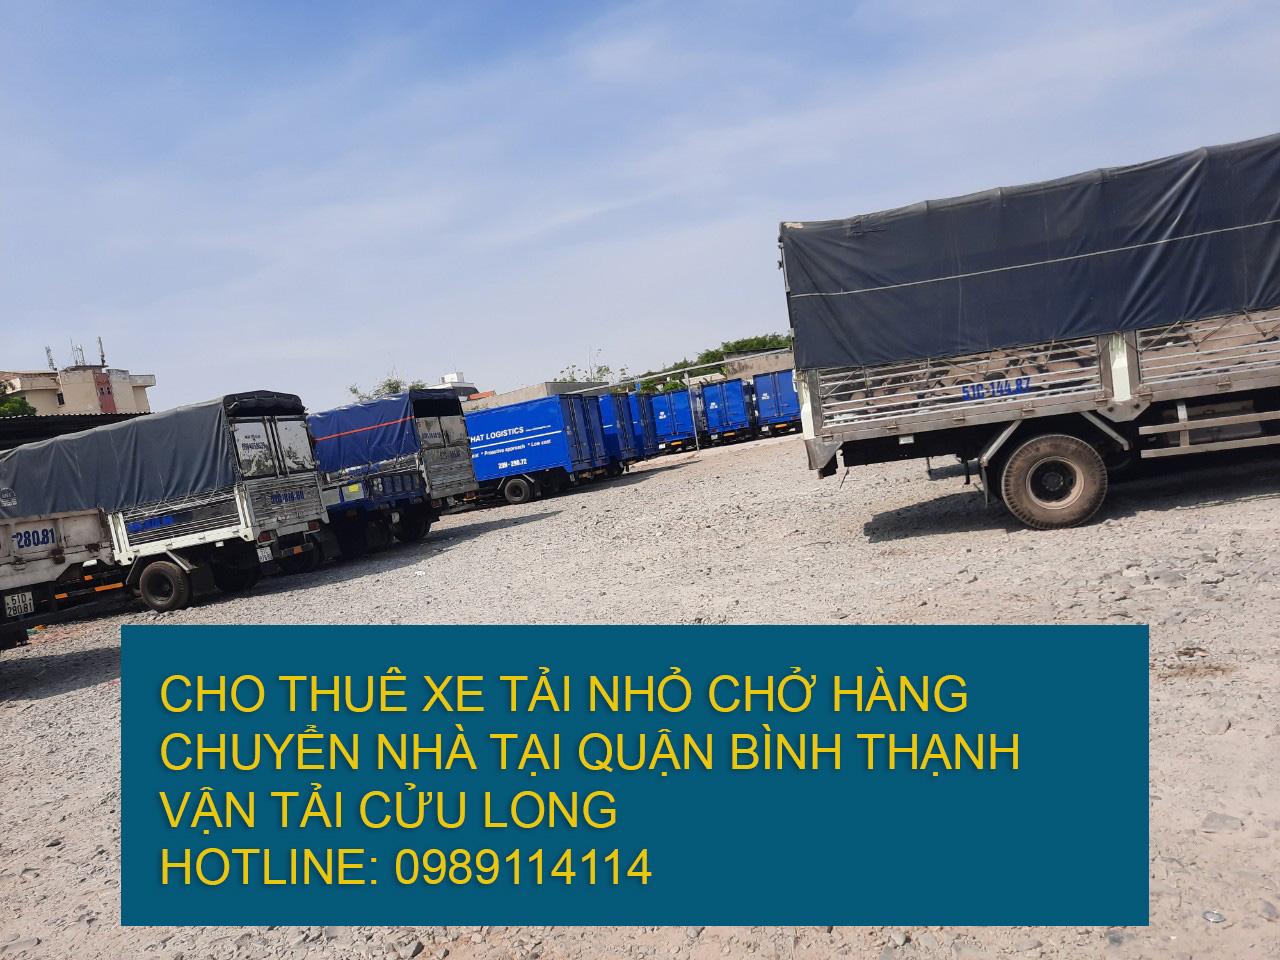 Cho thuê xe tải nhỏ chuyển nhà giá rẻ tại Quận Bình Thạnh